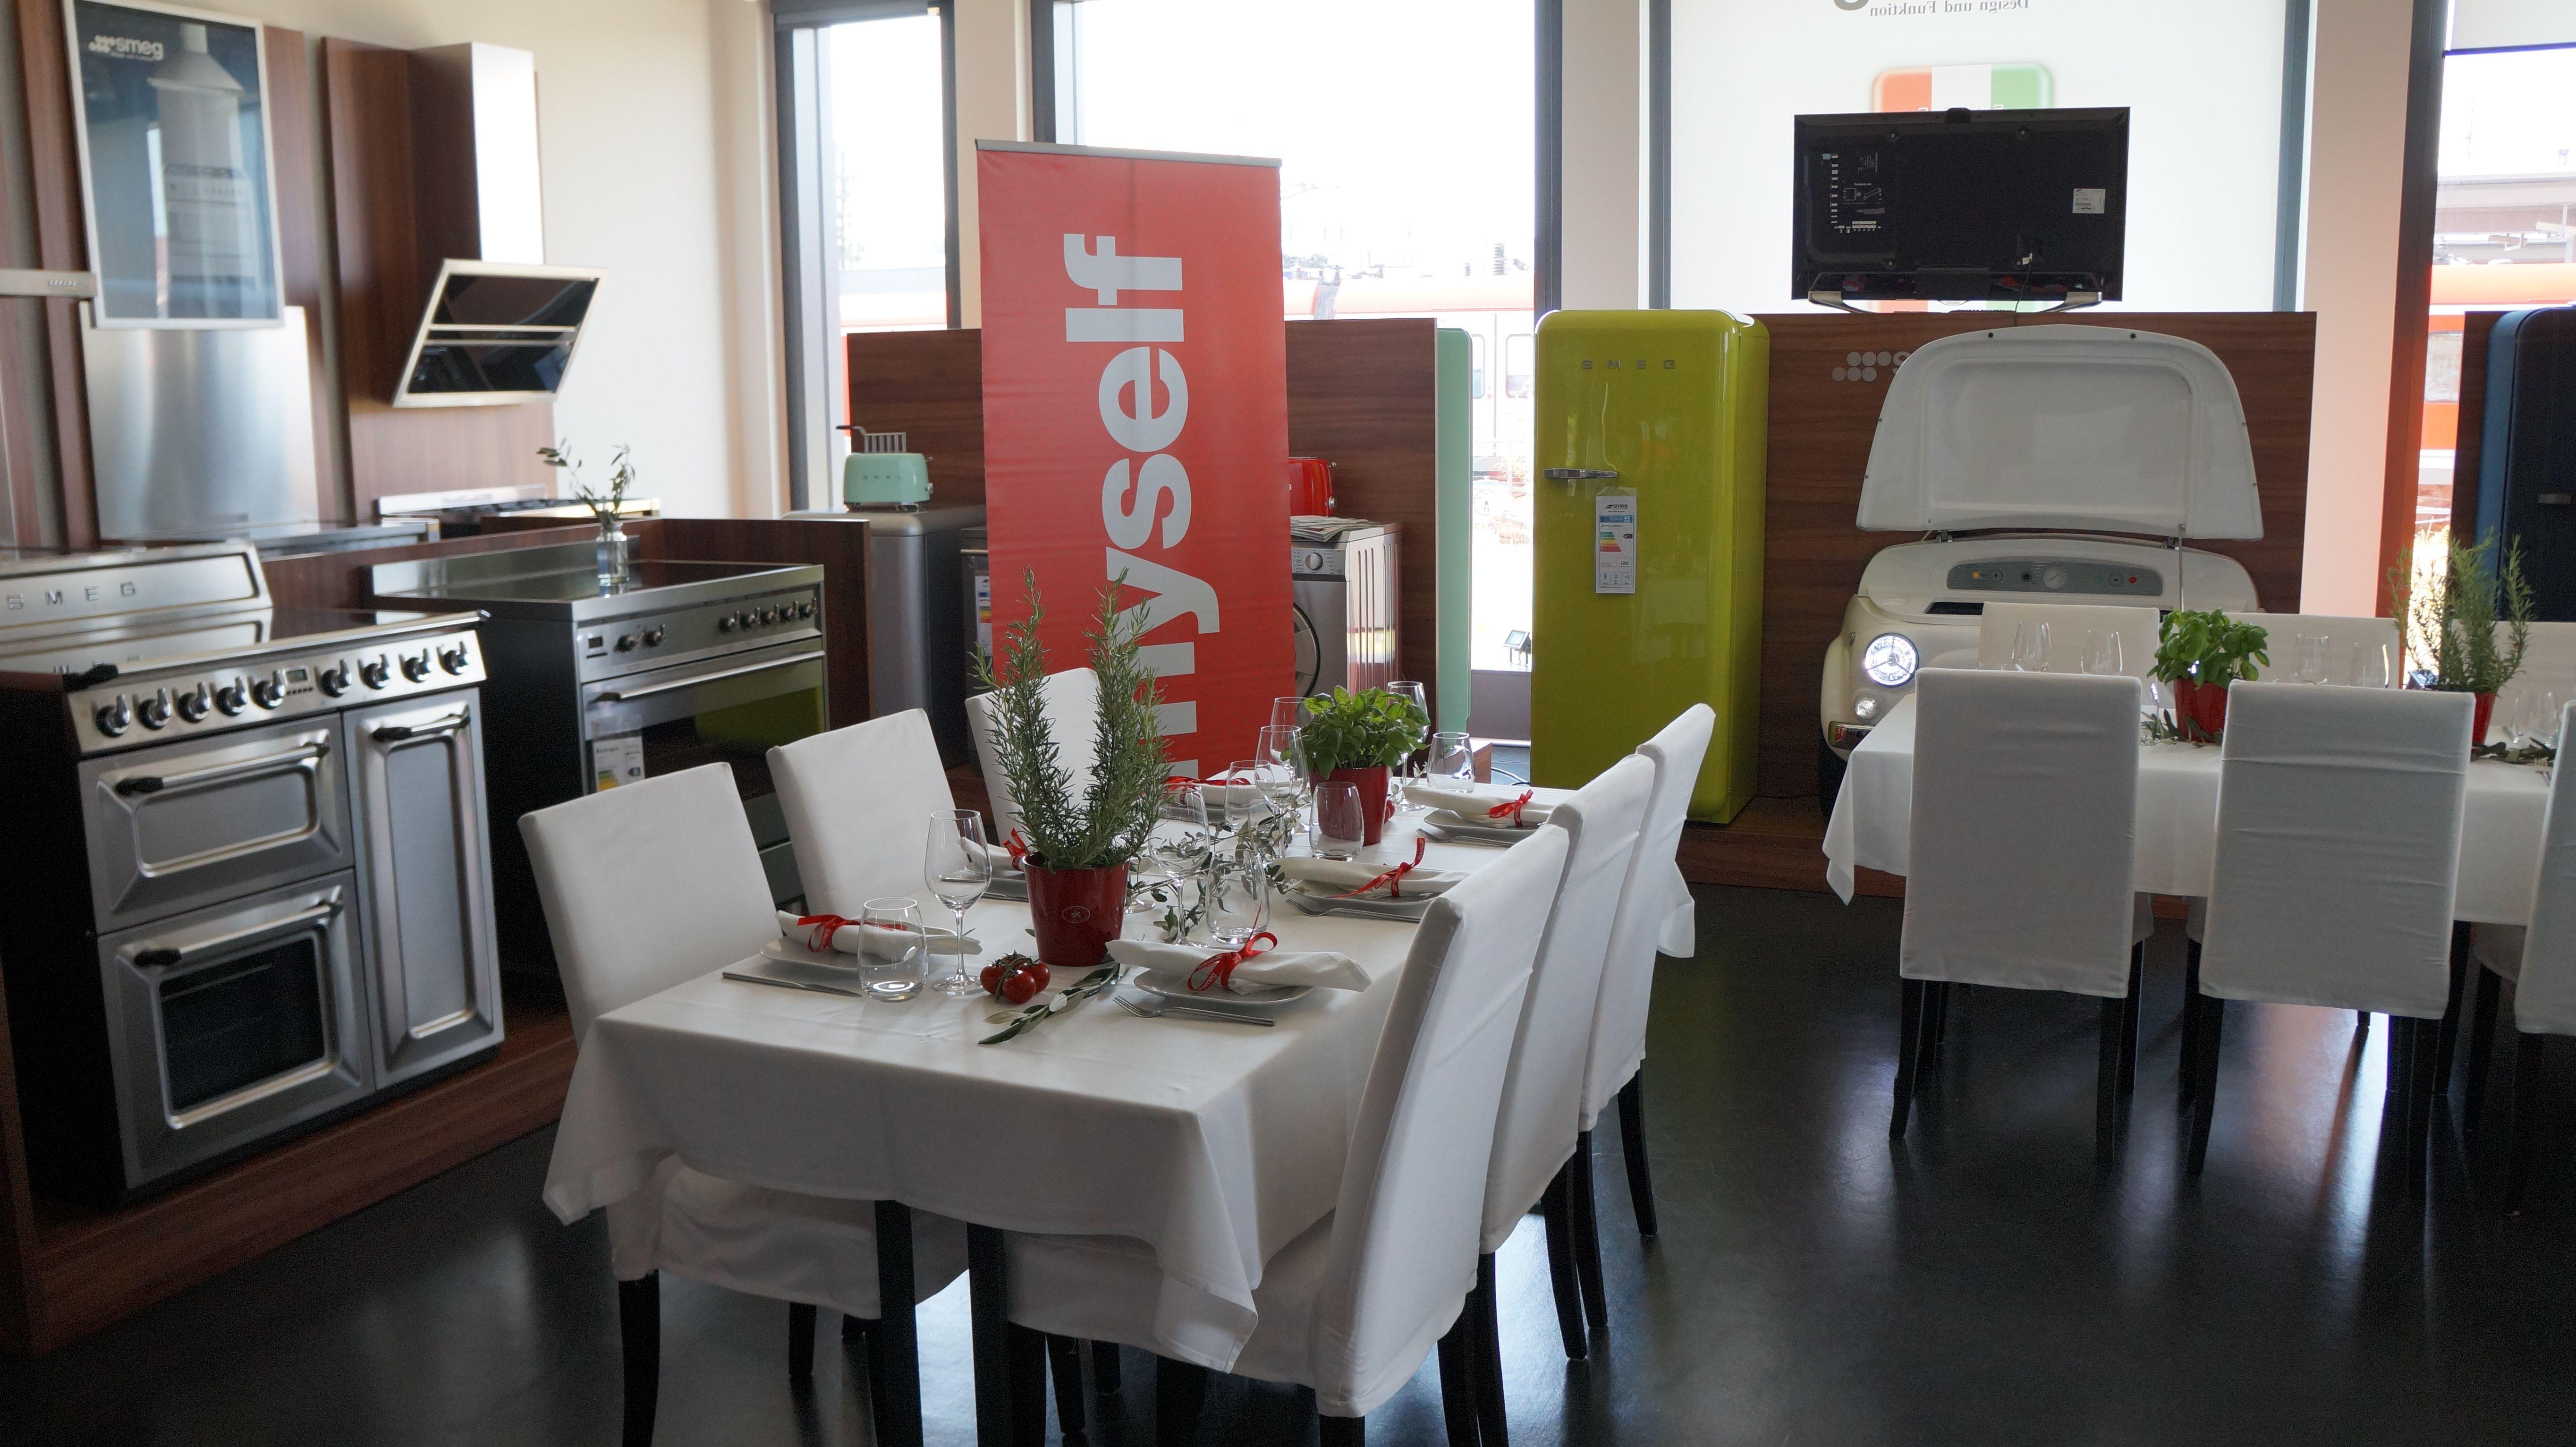 Smeg München alles vorbereitet für die teilnehmerinnen am genuss workshop im smeg